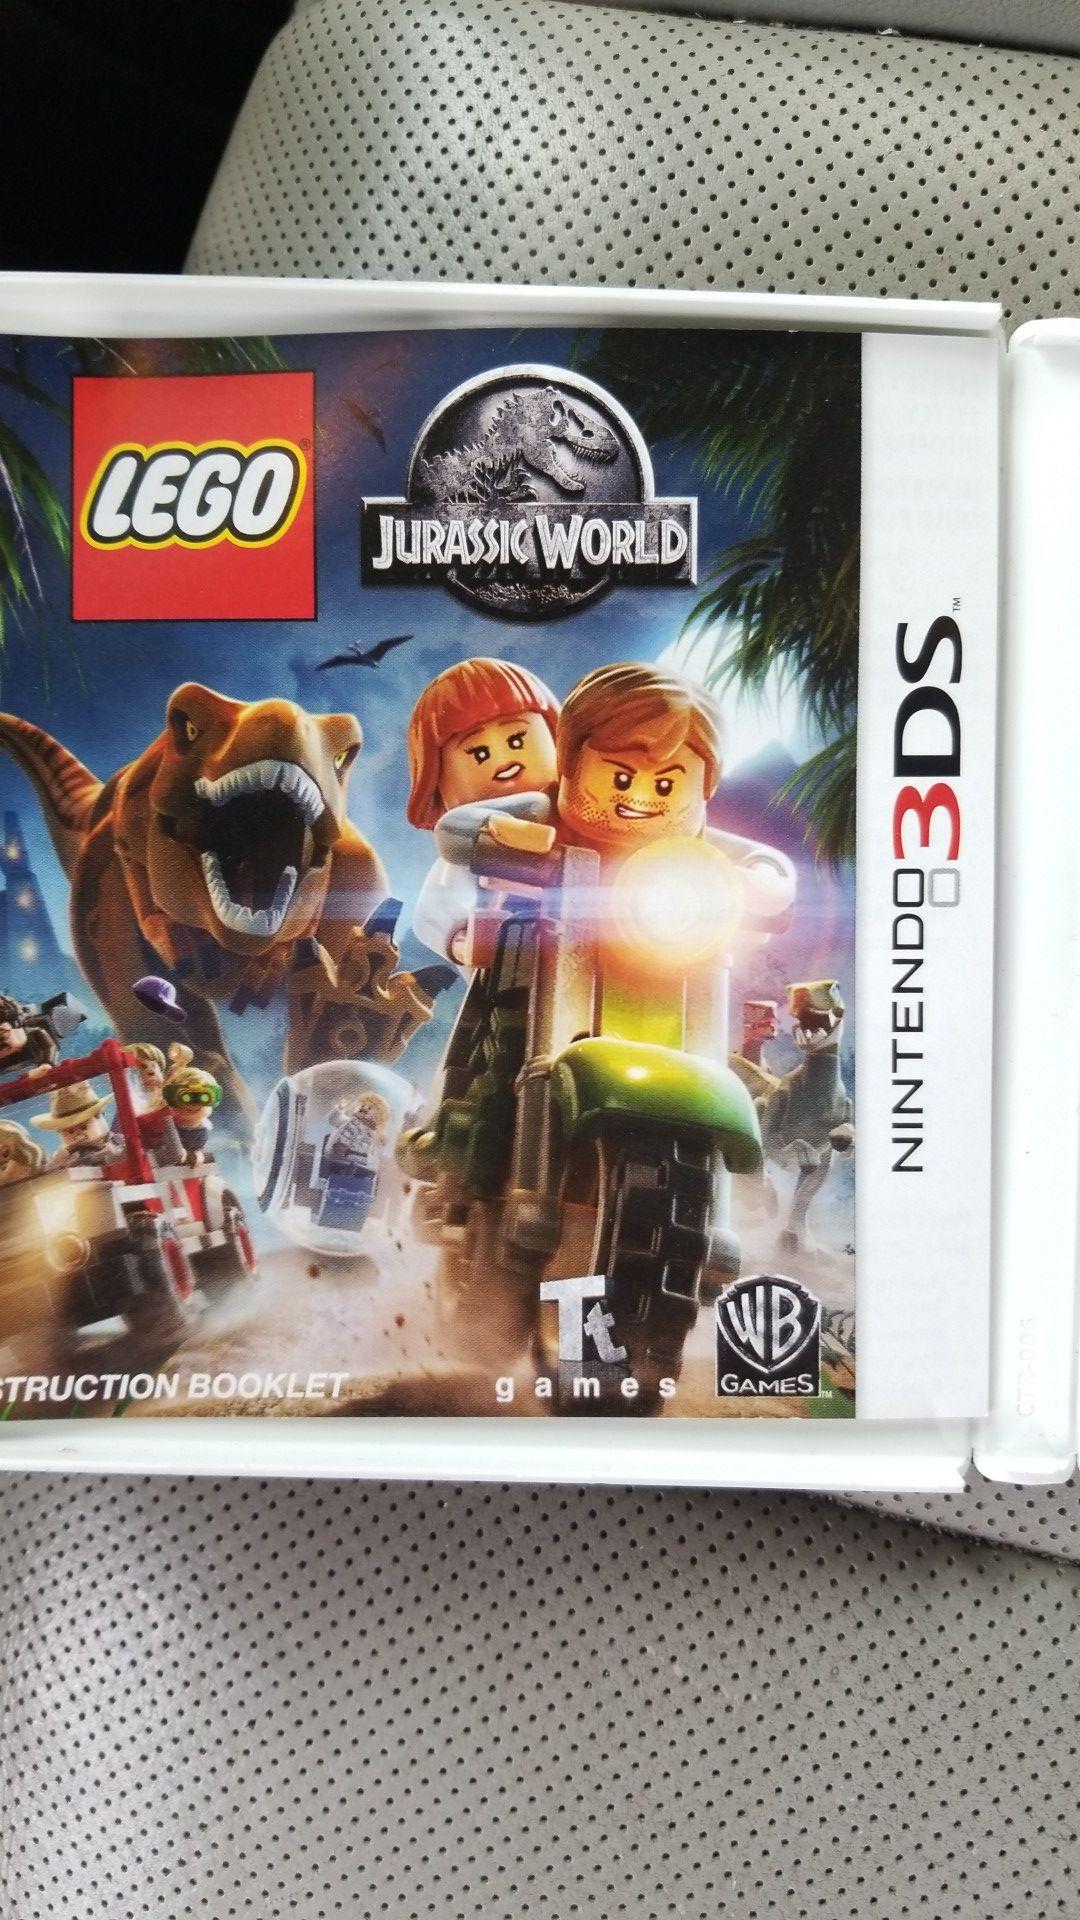 2*-3DS NINTENDO GAMES